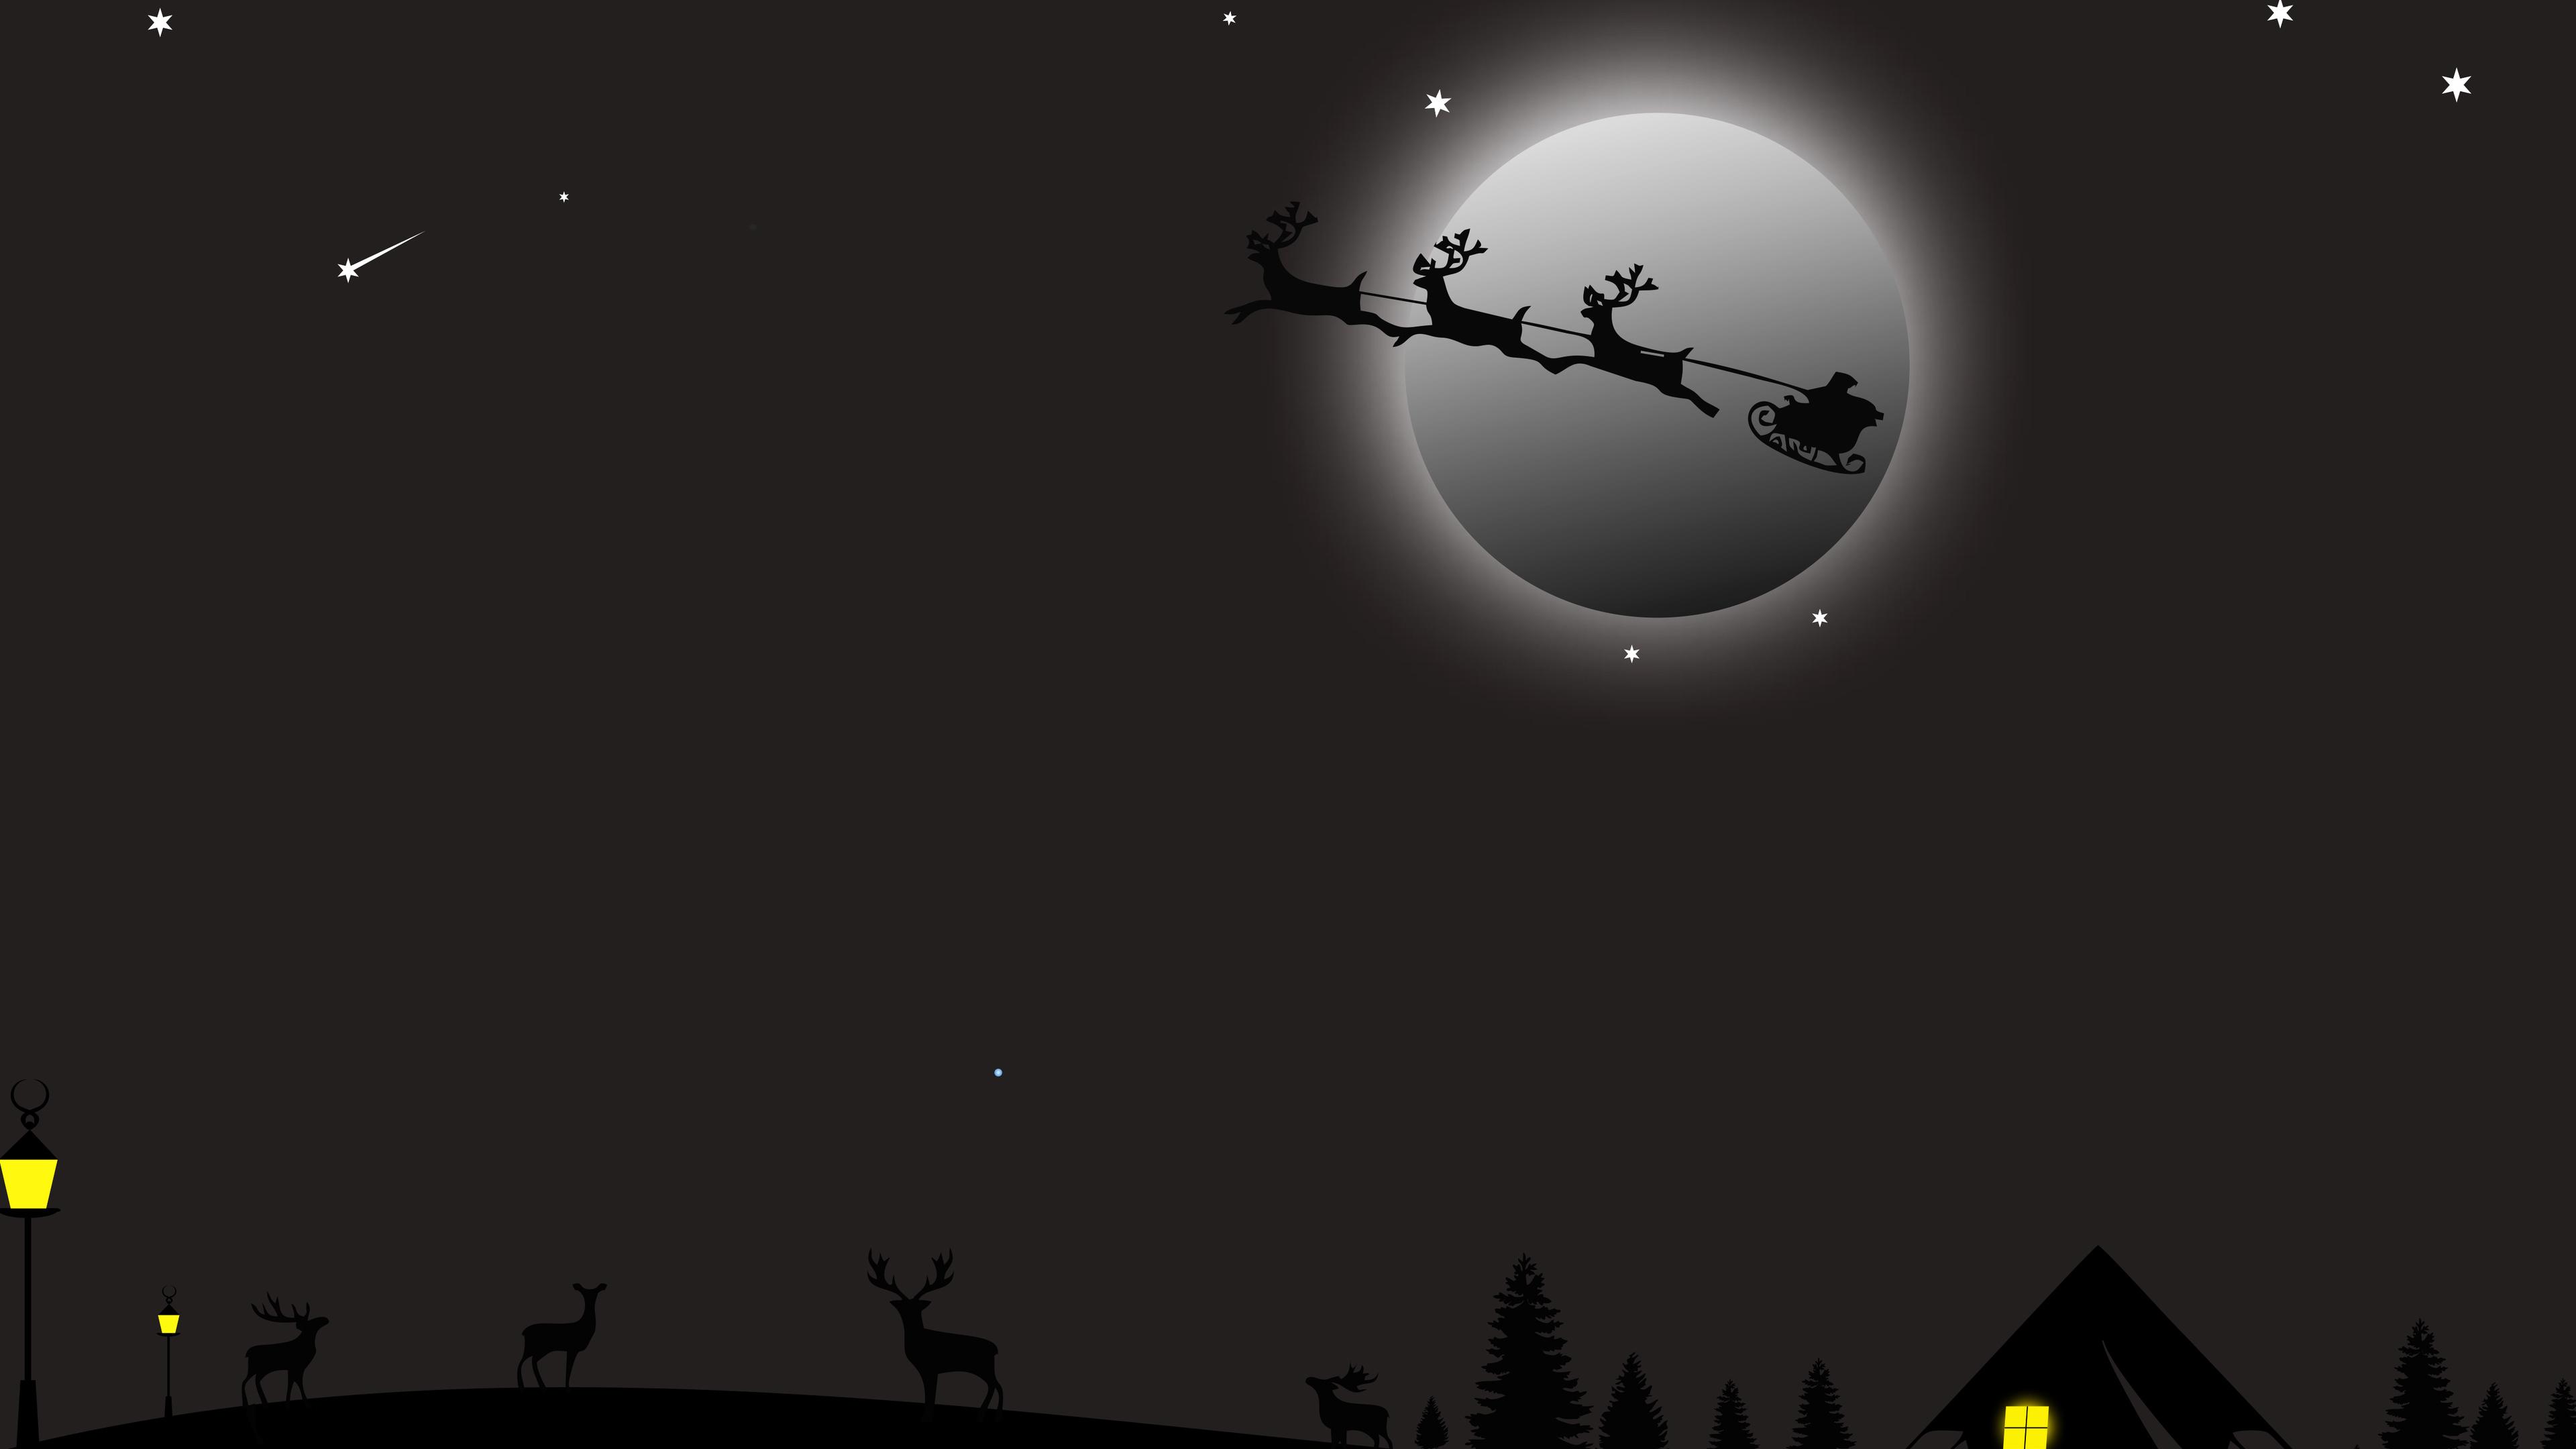 Wallpaper 4k Santa Claus Deer Ride 4k 4k Wallpapers 5k Wallpapers